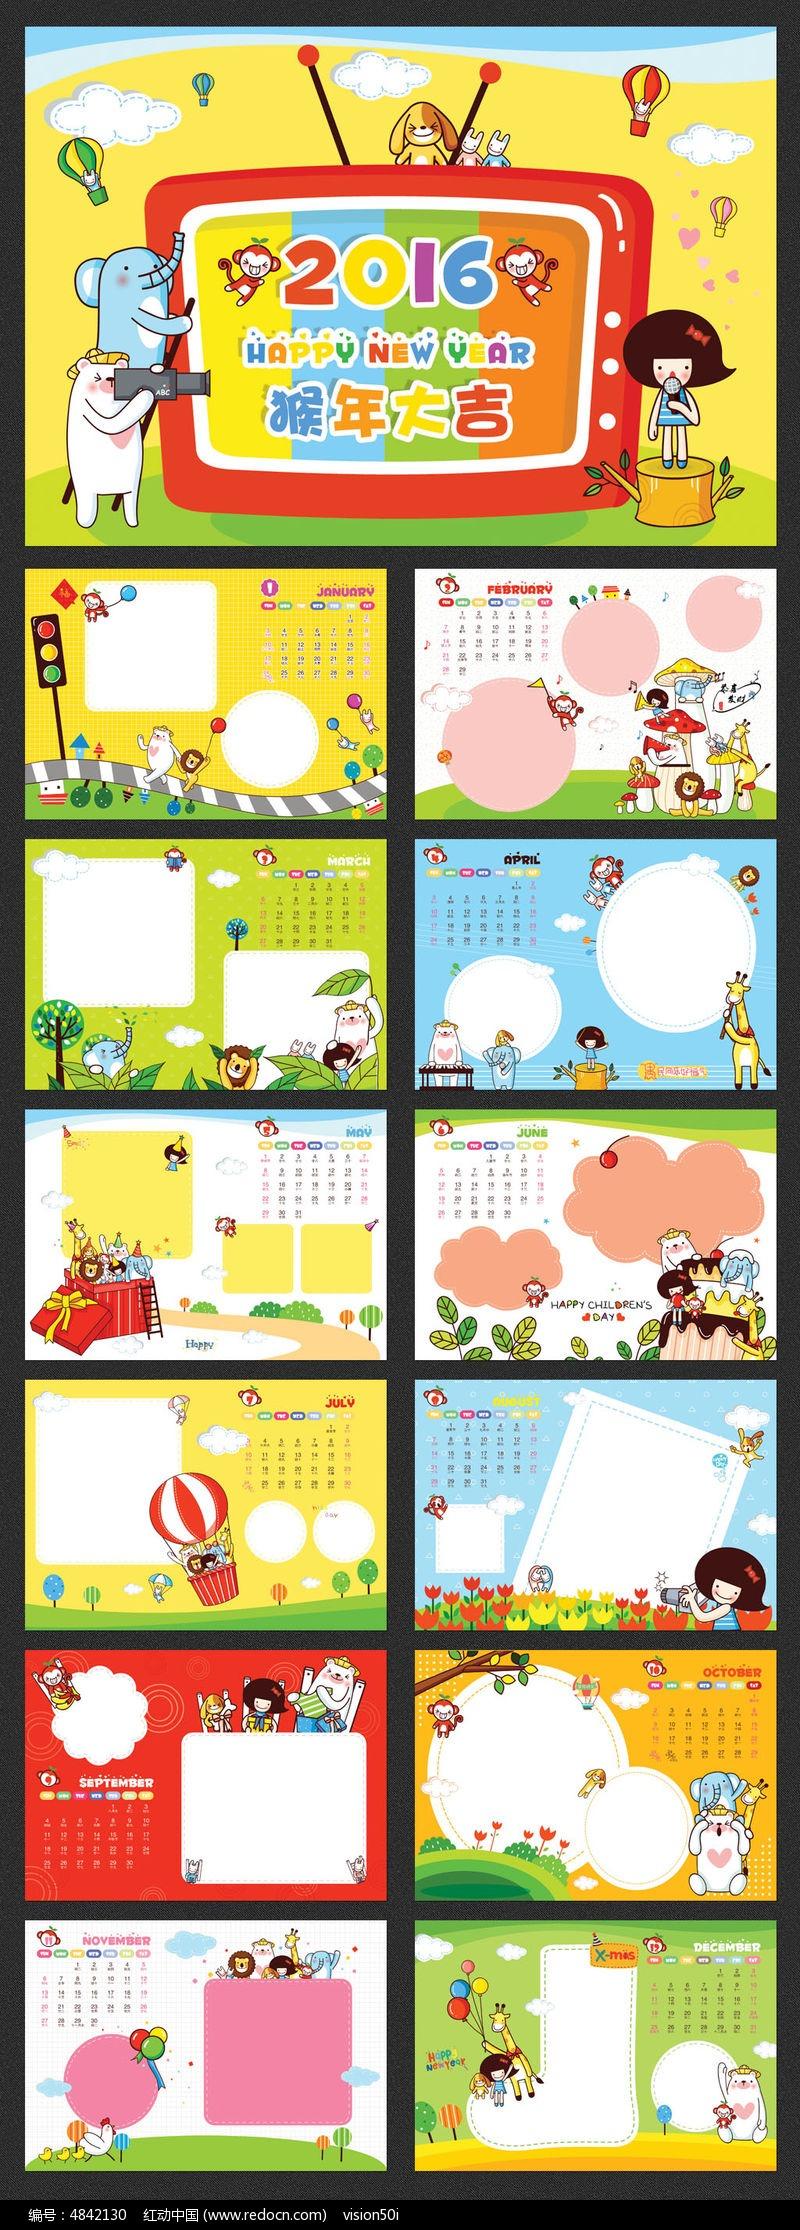 2016猴年儿童相册台历模板psd素材下载图片